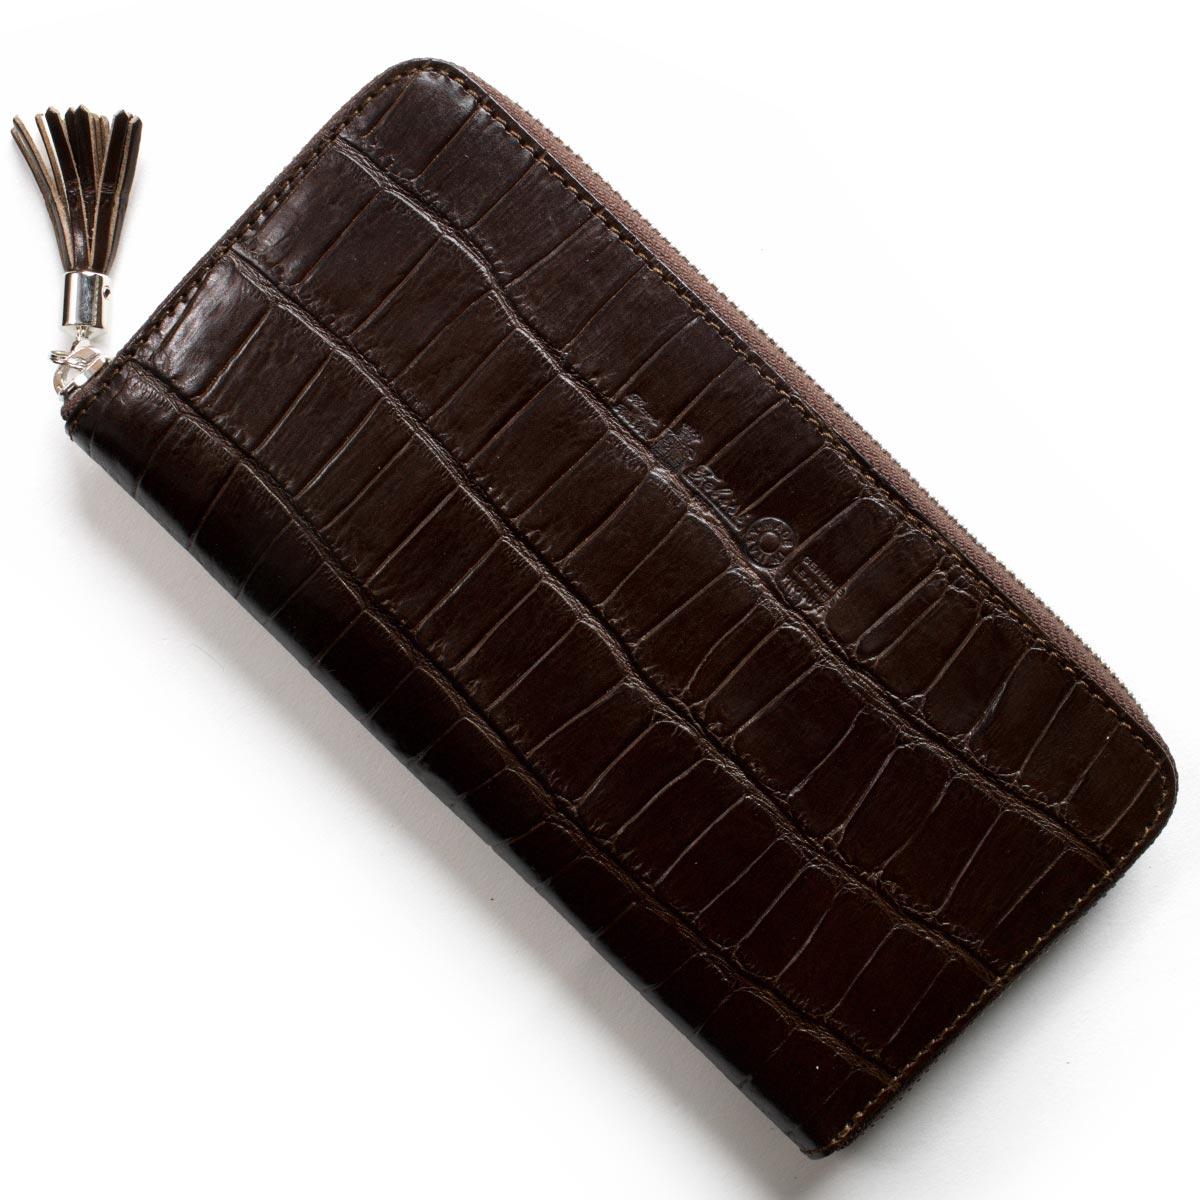 フェリージ 長財布 財布 メンズ レディース クロコ型押し モロダークブラウン 913 SA 0002 FELISI